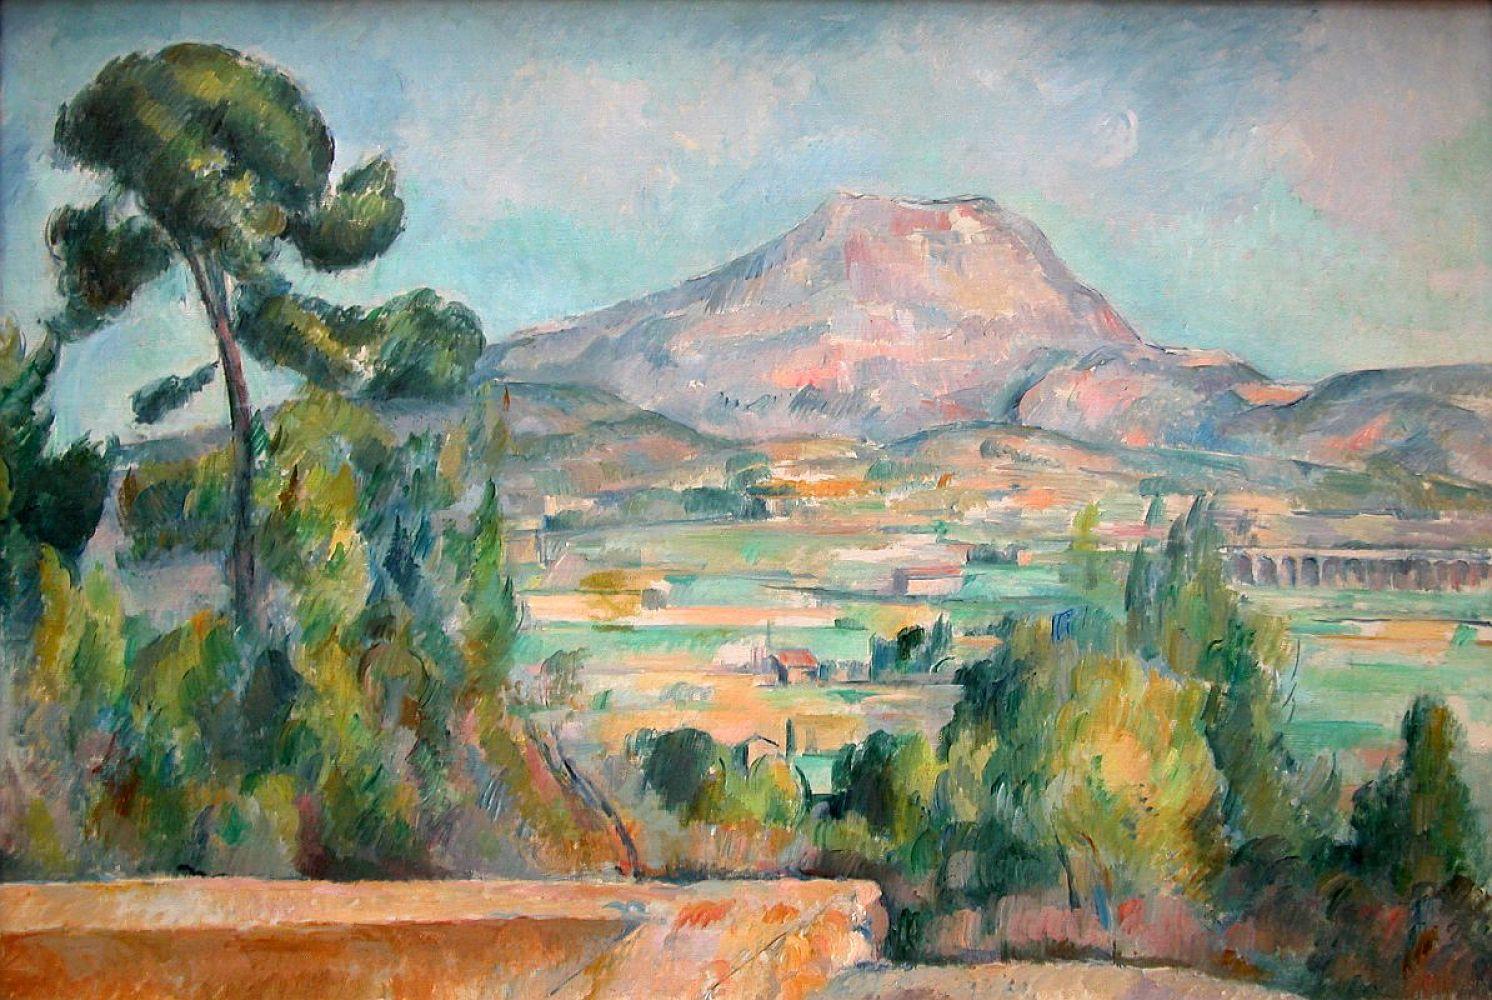 Mount Saint Victoire, Paul Cézanne 1890, Musée d'Orsay.